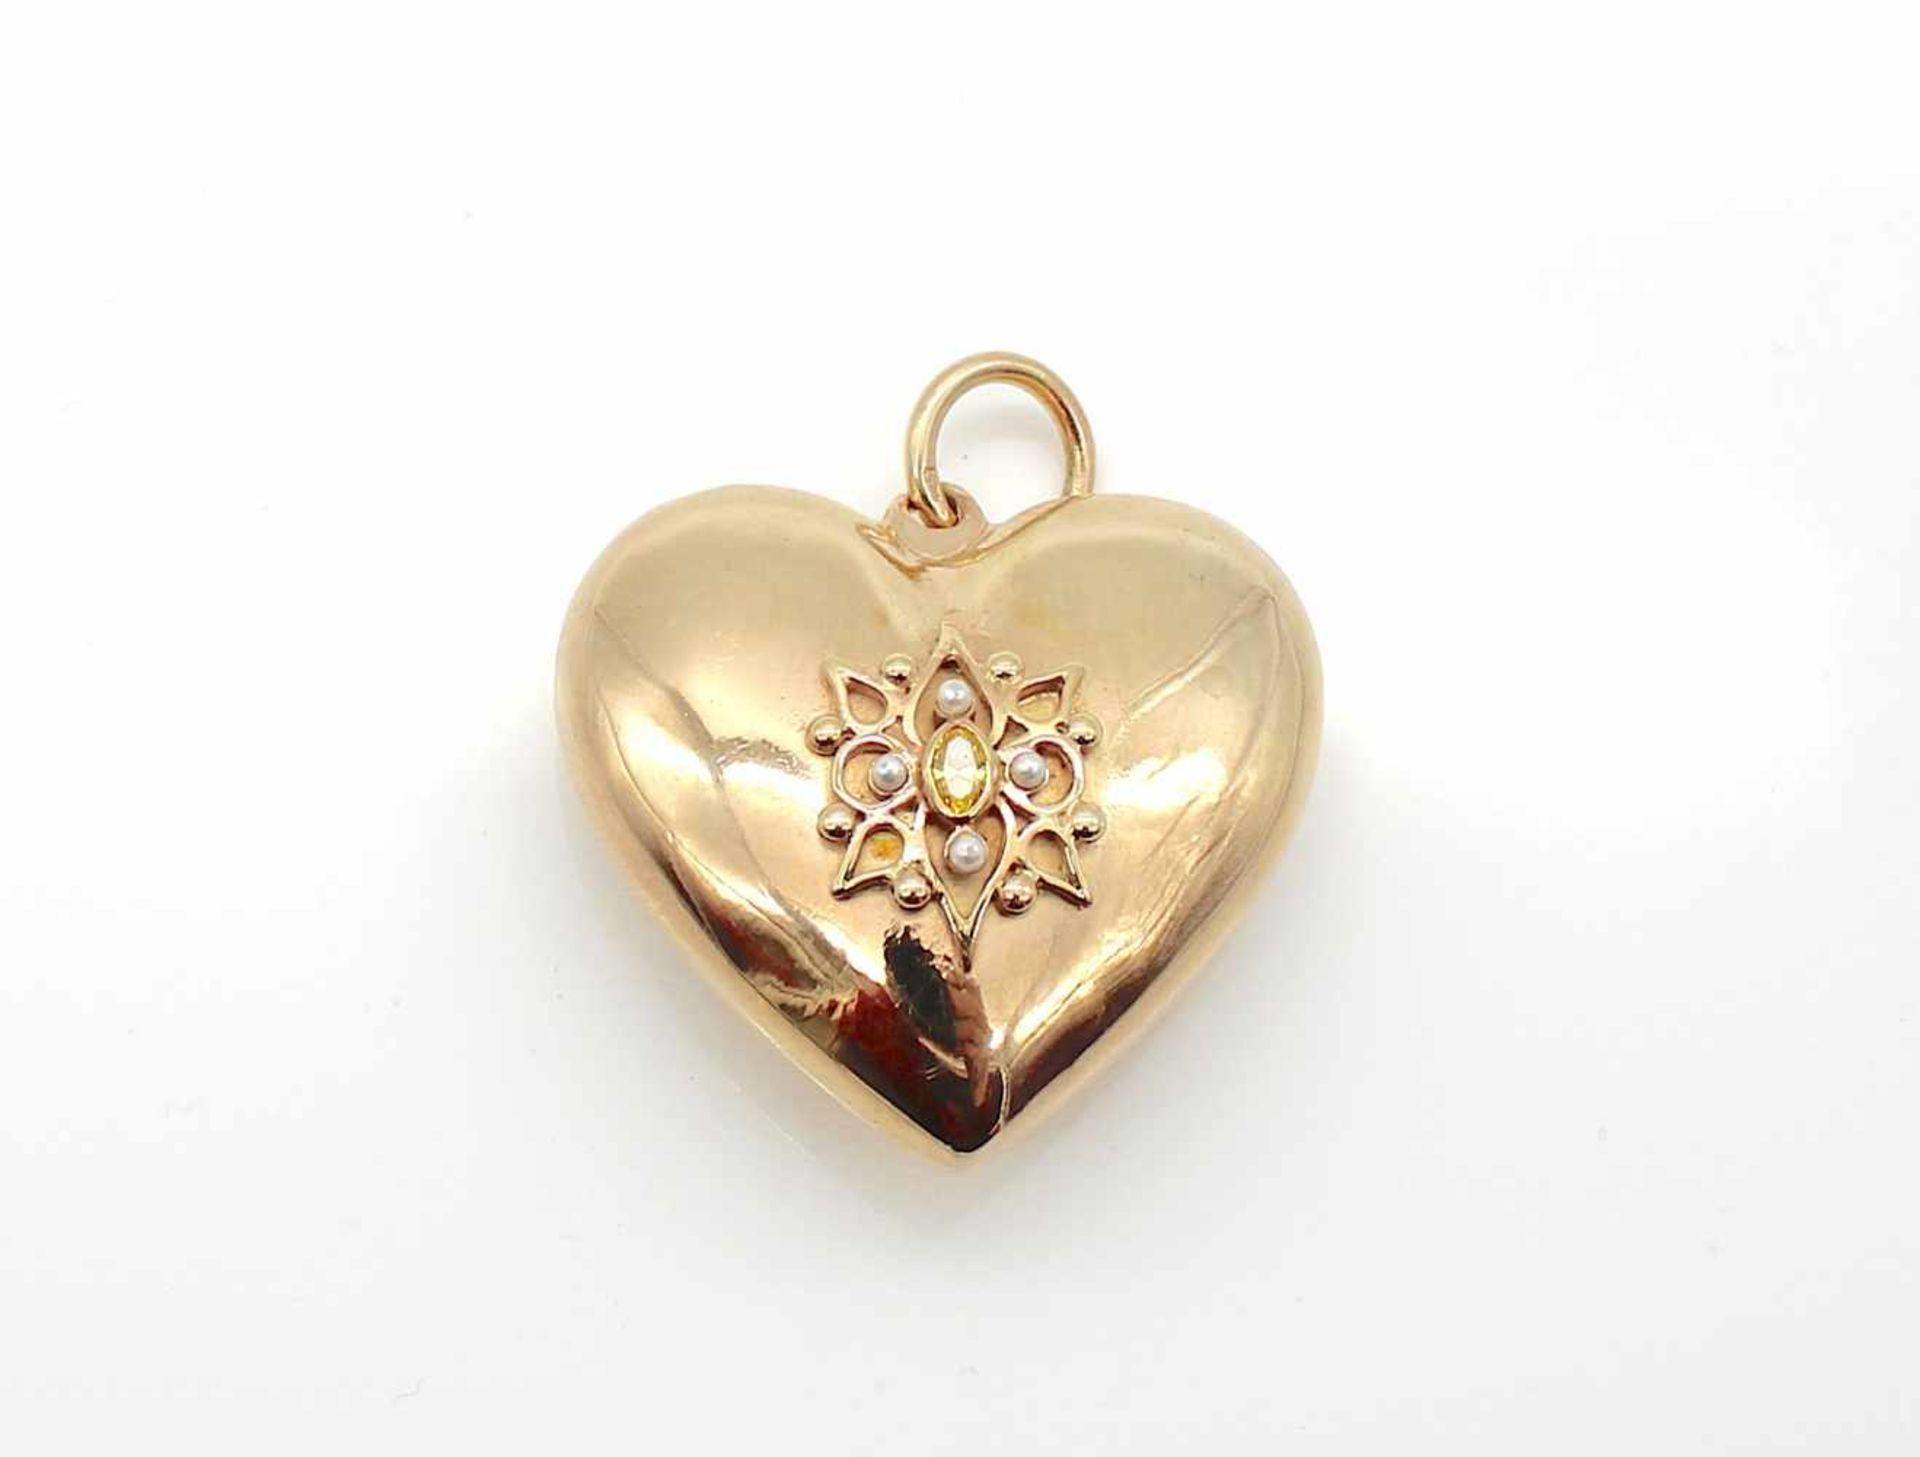 Los 57 - Herz 925er Silber vergoldet, kl Perlen und gelber Stein, 44,5 g